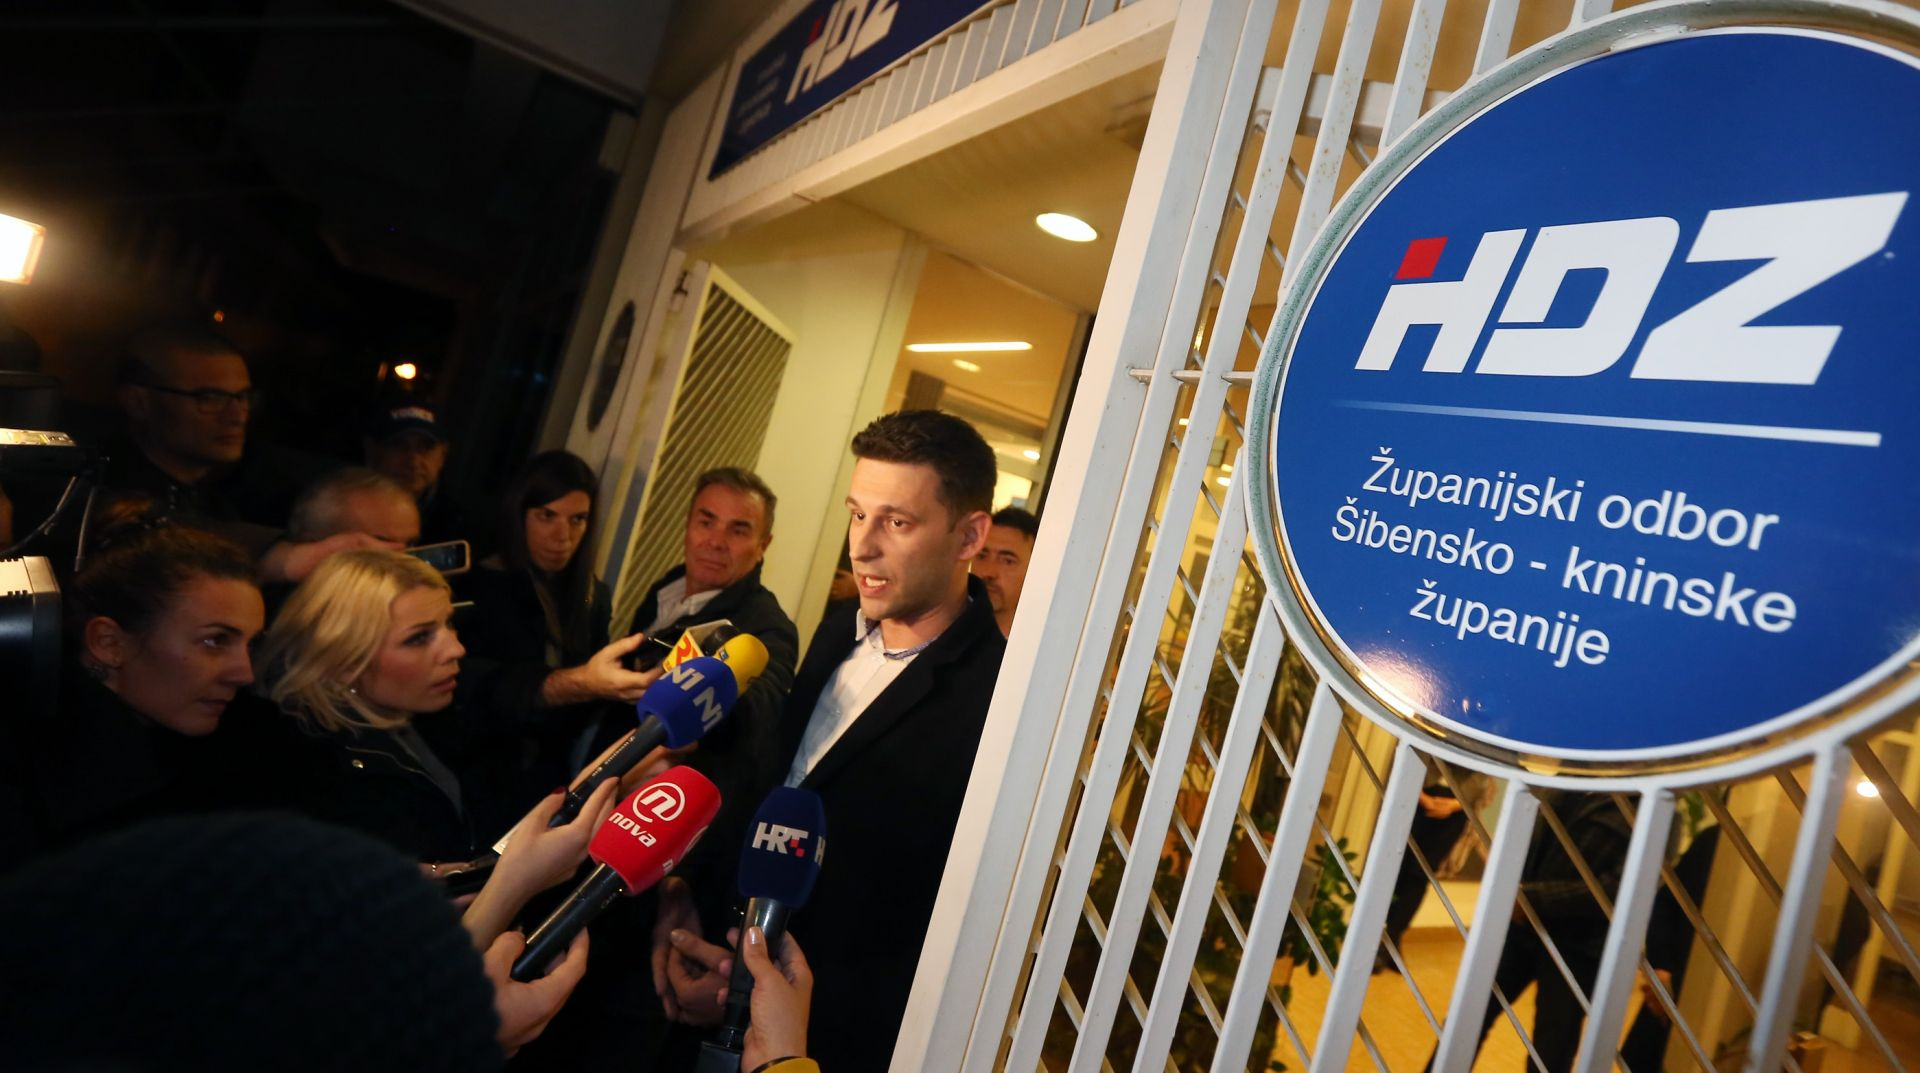 KARAMARKO I PETROV: I HDZ na sastanku s Mostom u ponedjeljak